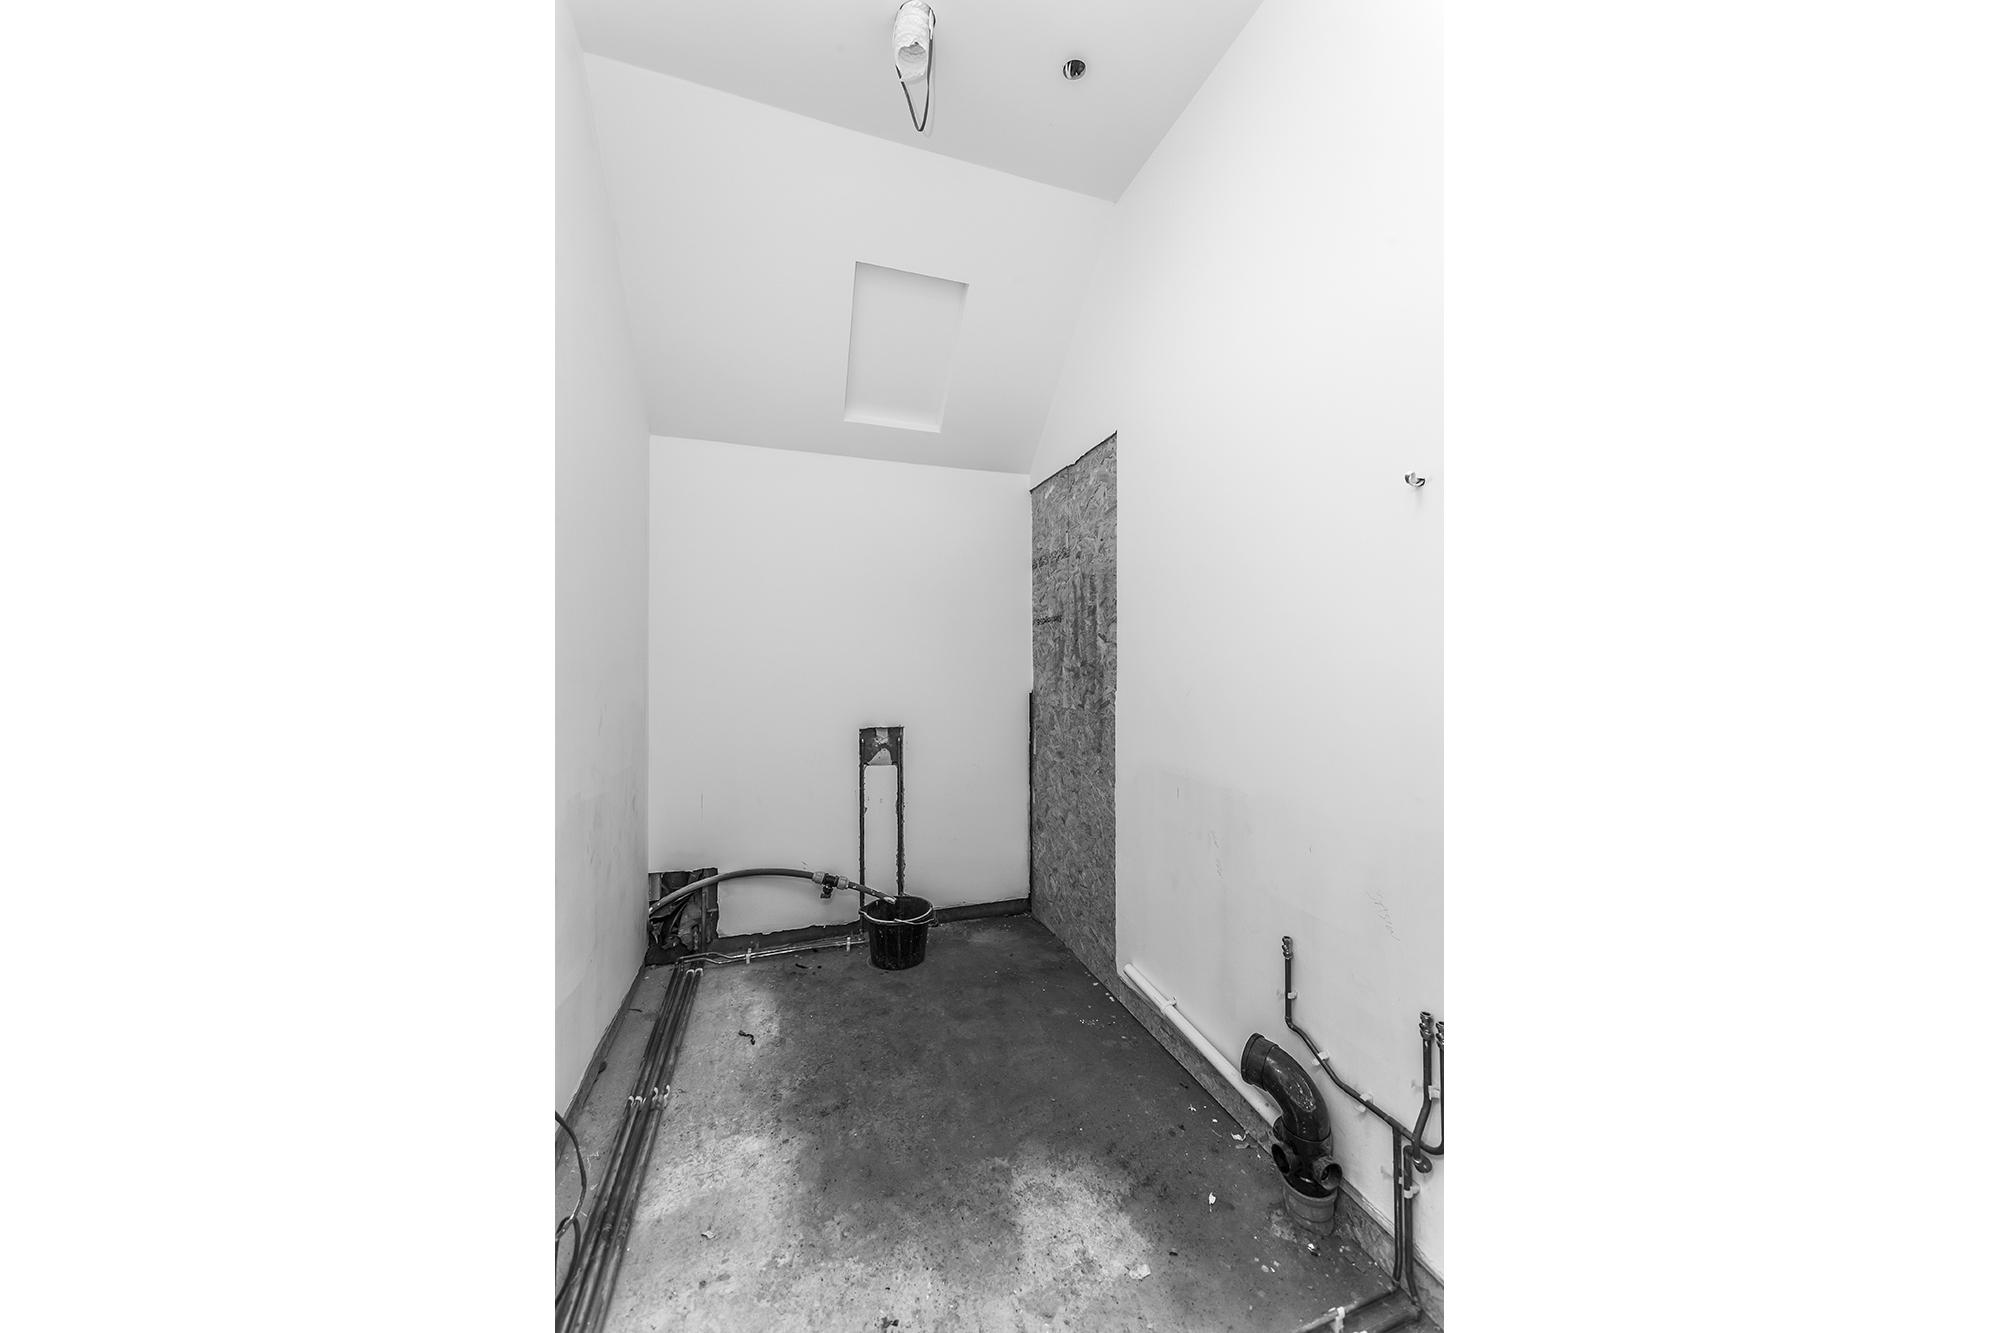 Hamsland_Construction2__58.jpg